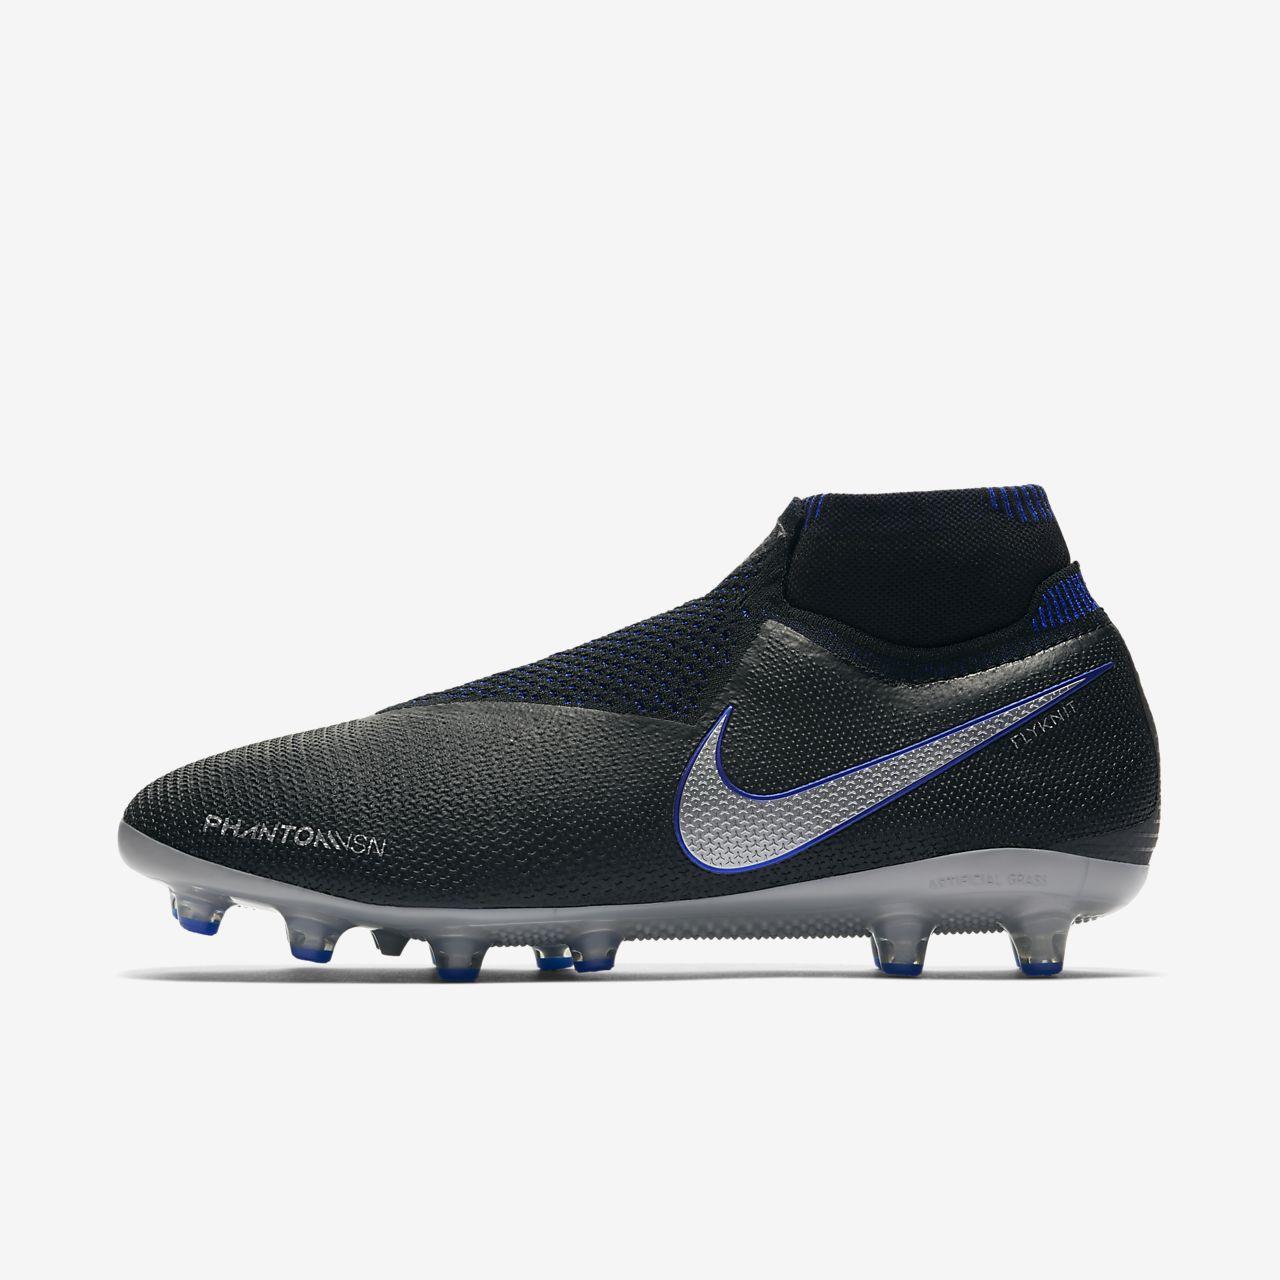 Nike Chaussure Terrain Football Crampons Pour Synthétique De À PqCnFnxTwa